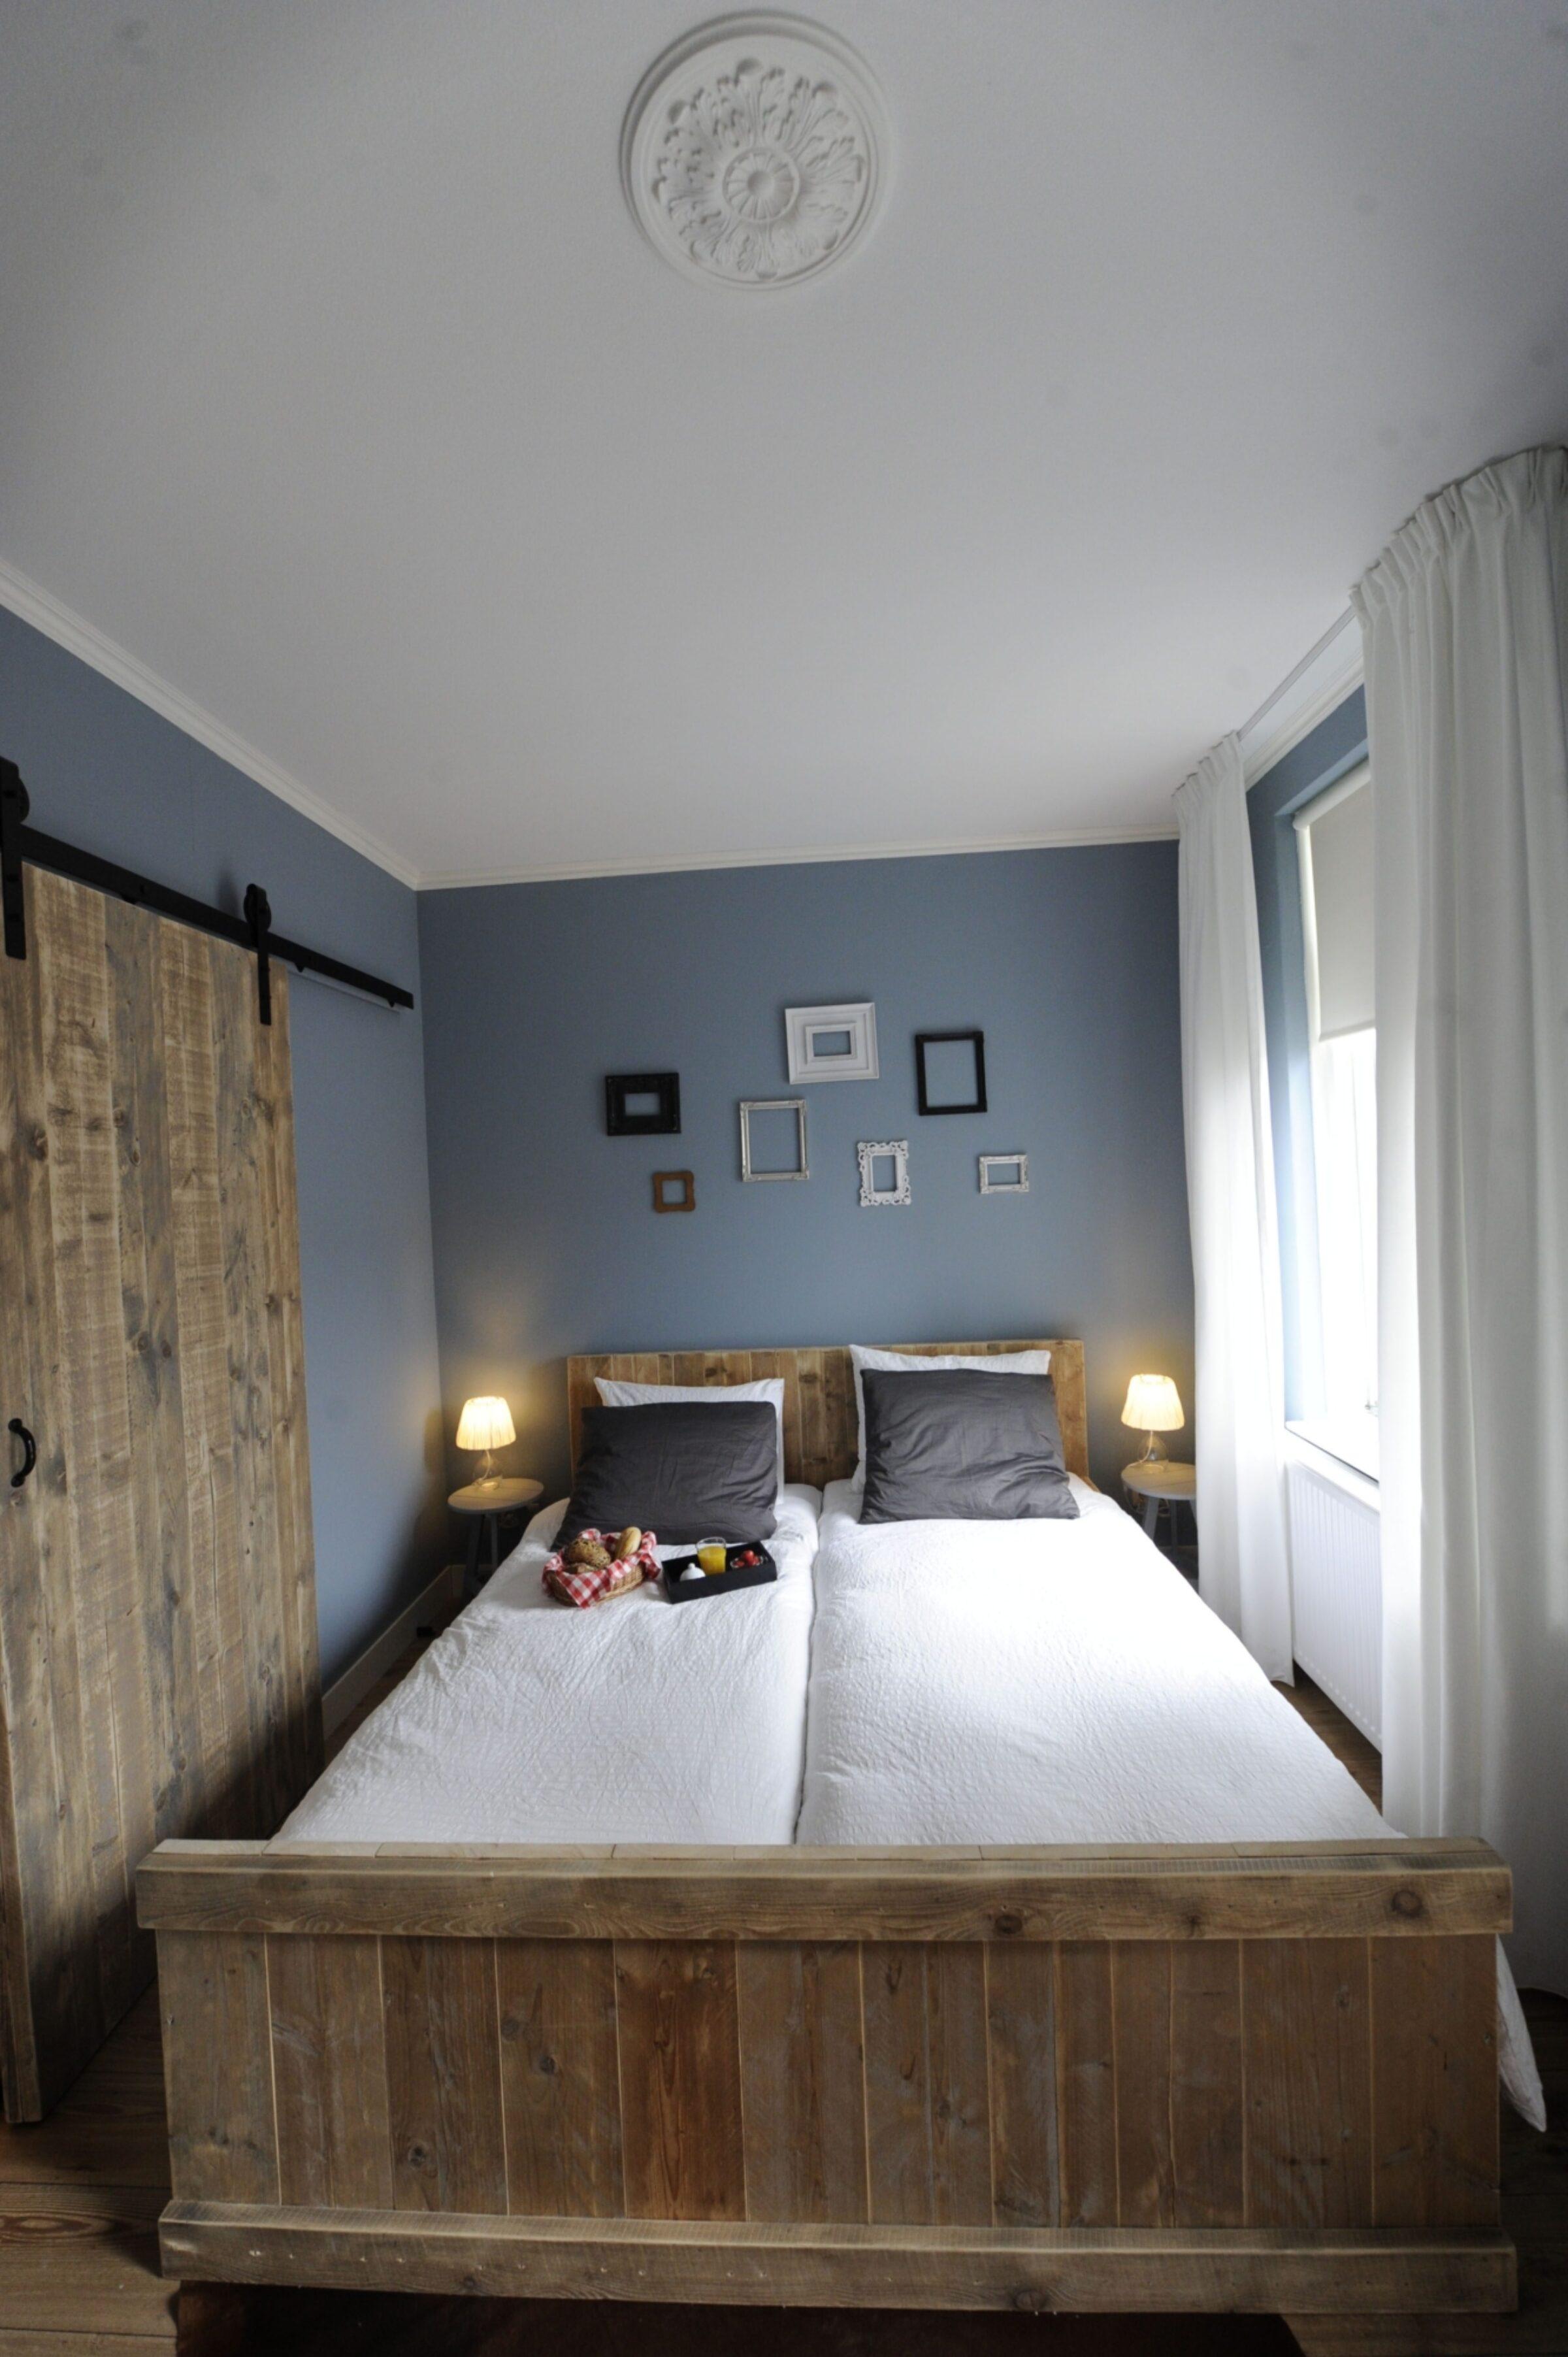 Bed & breakfast oekepoek enschede